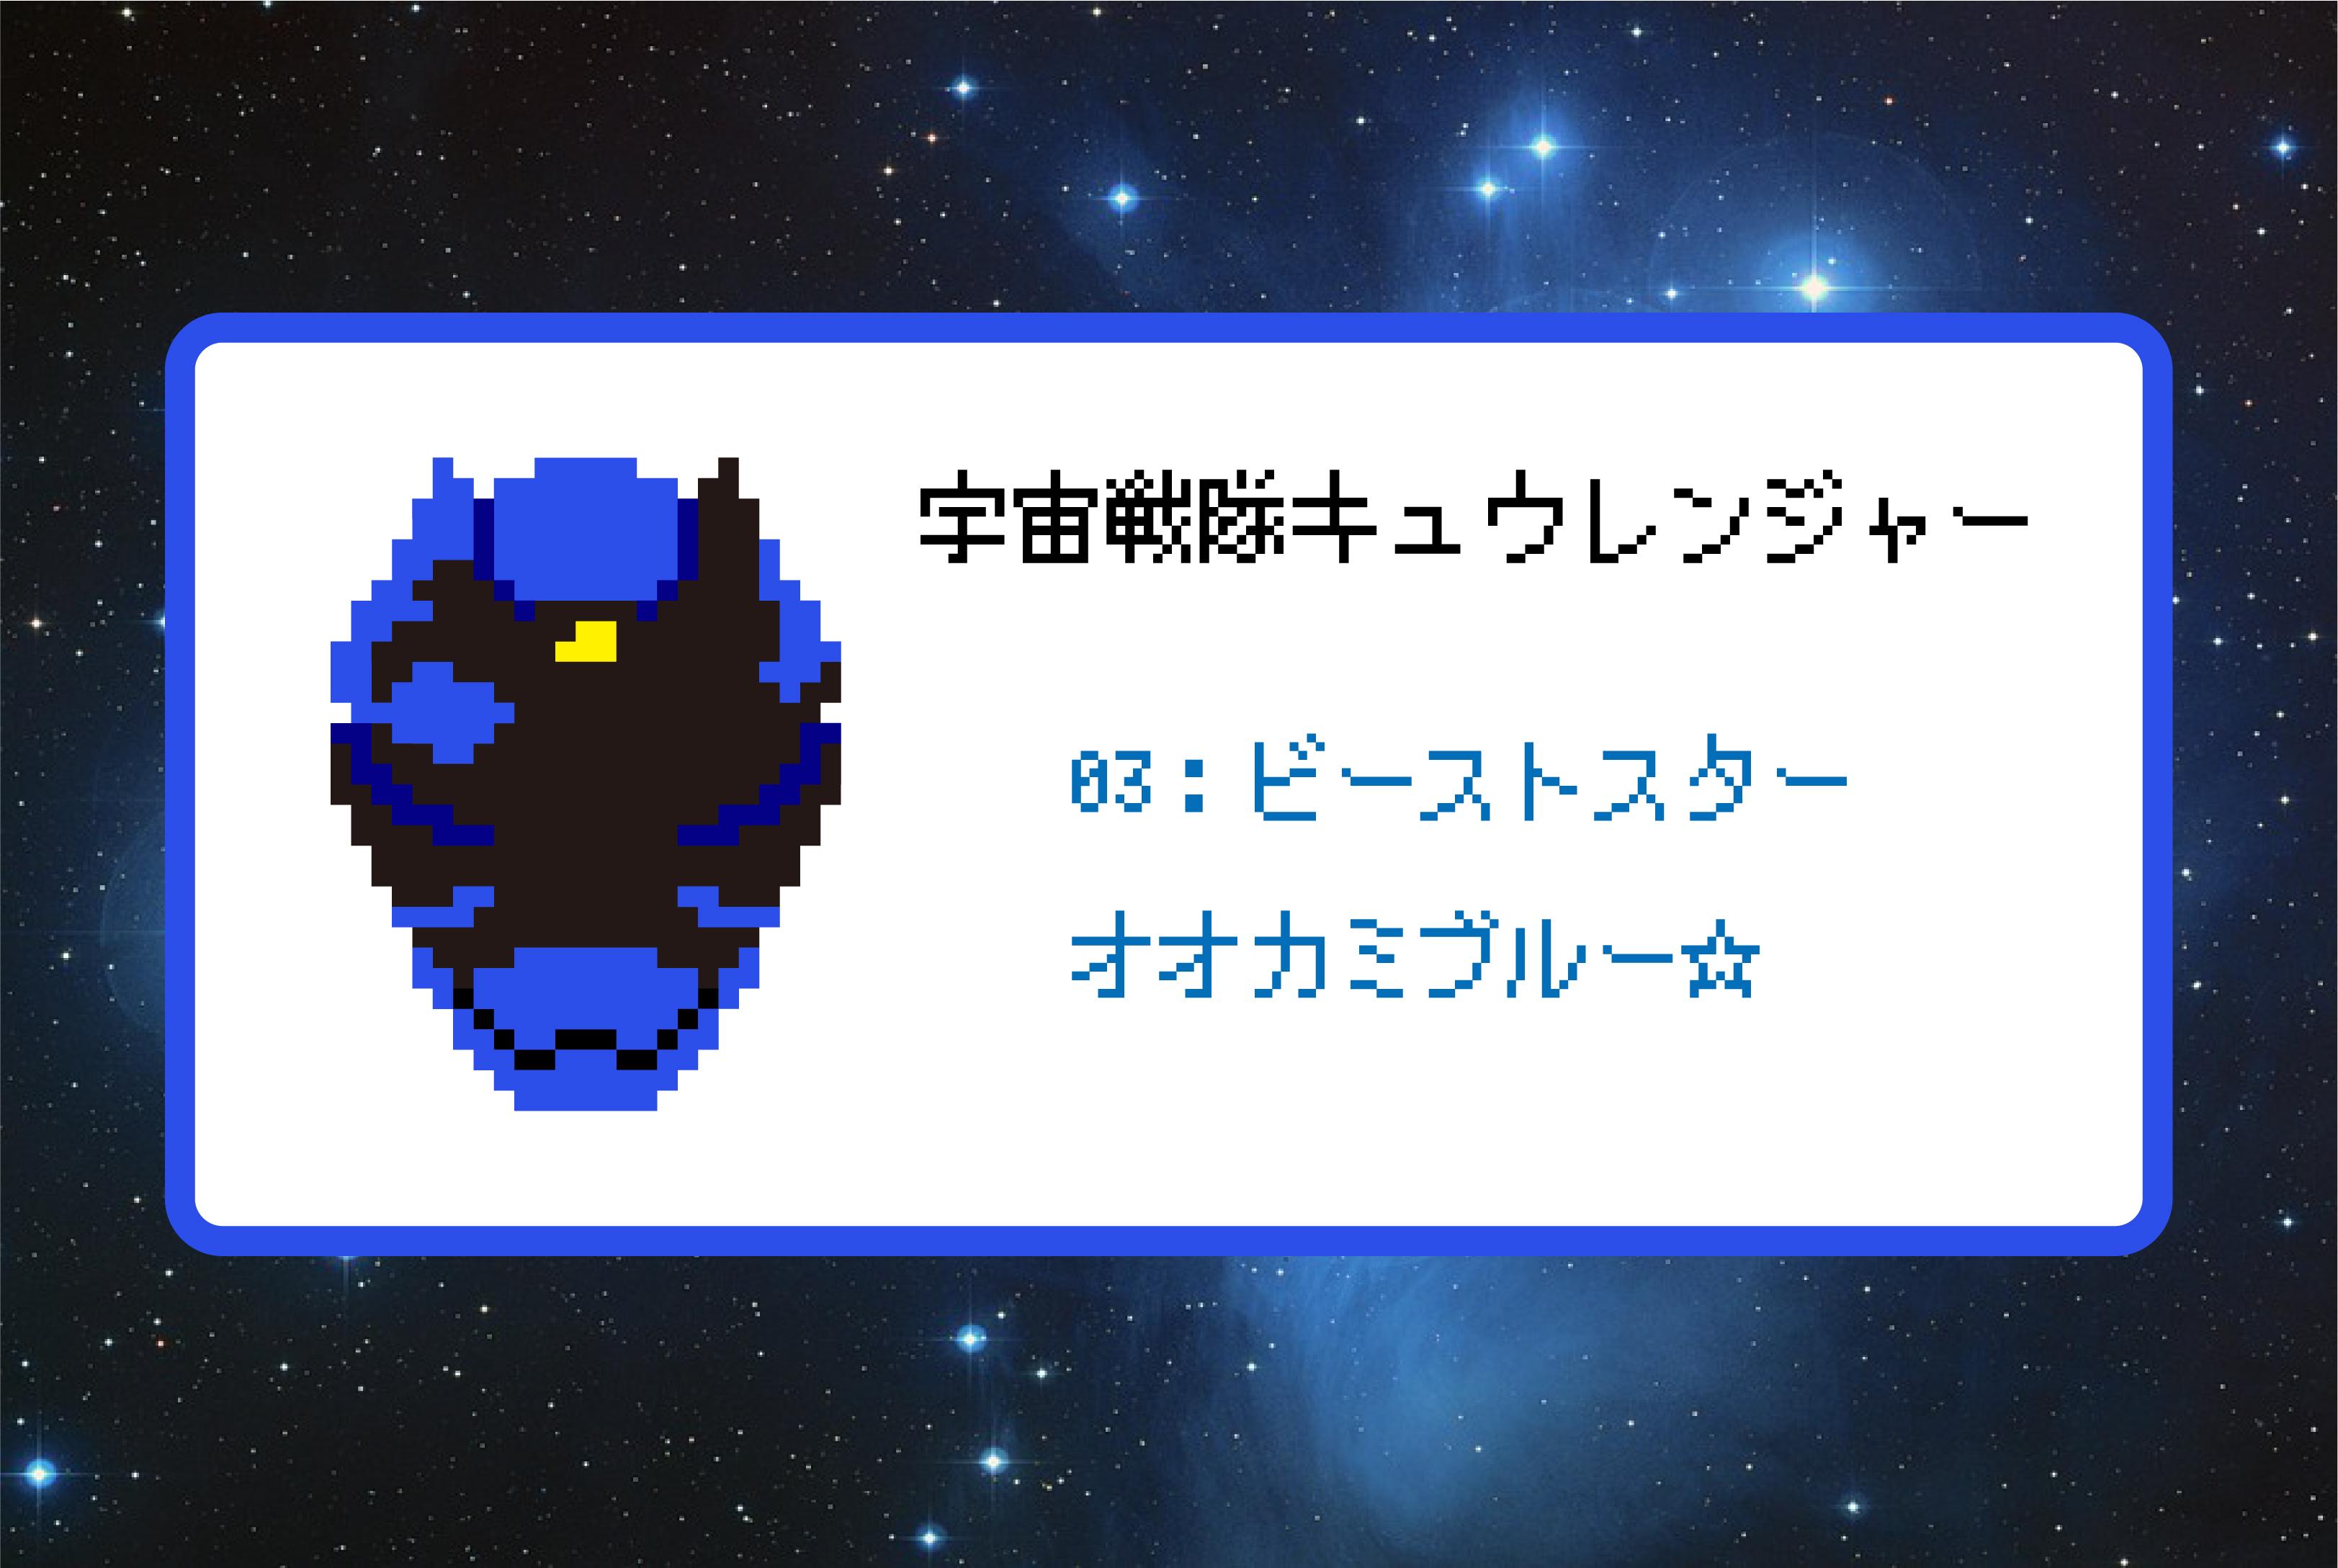 【宇宙戦隊キュウレンジャー】オオカミブルーのアイロンビーズ図案